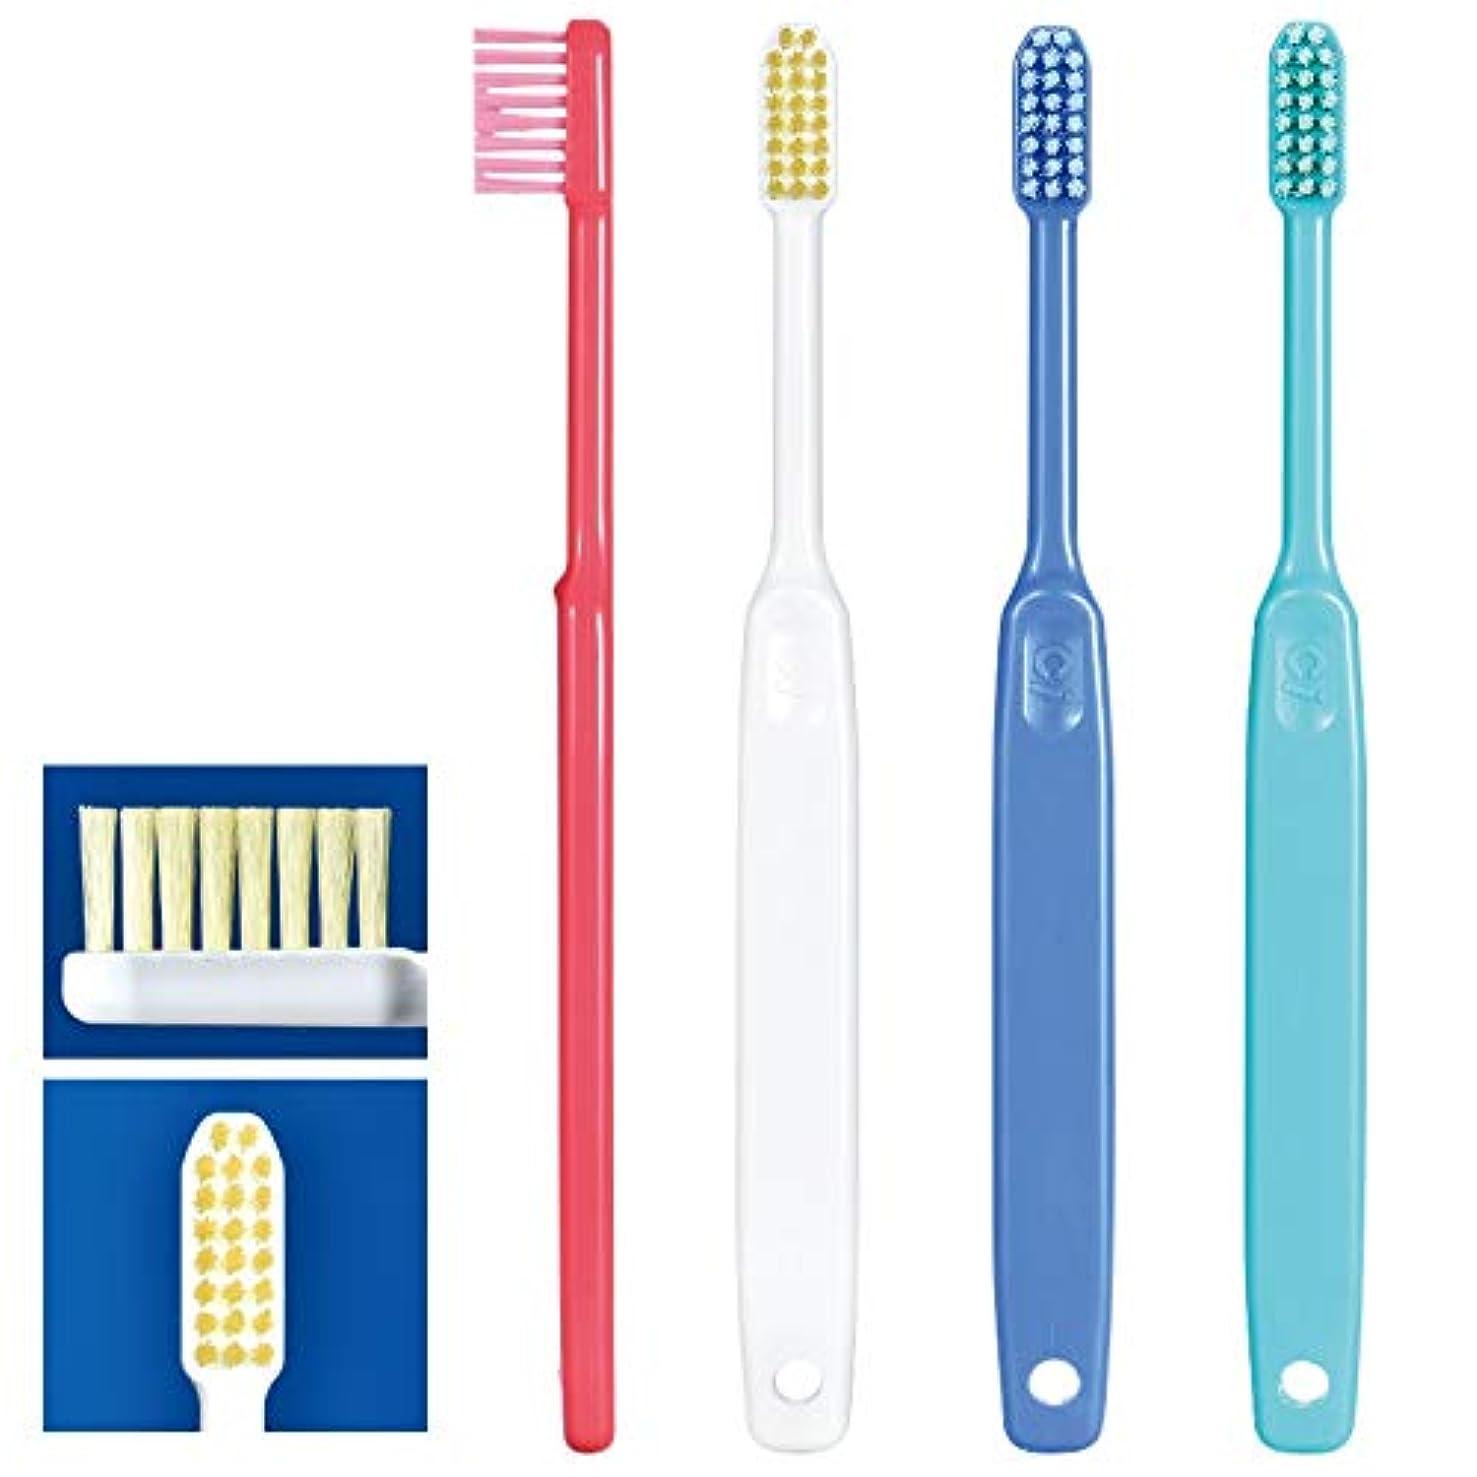 なめる同行するポスターCi20カラー歯ブラシ 20本 MS(やややわらかめ) 日本製 カラー毛 高密度植毛 歯科専売品